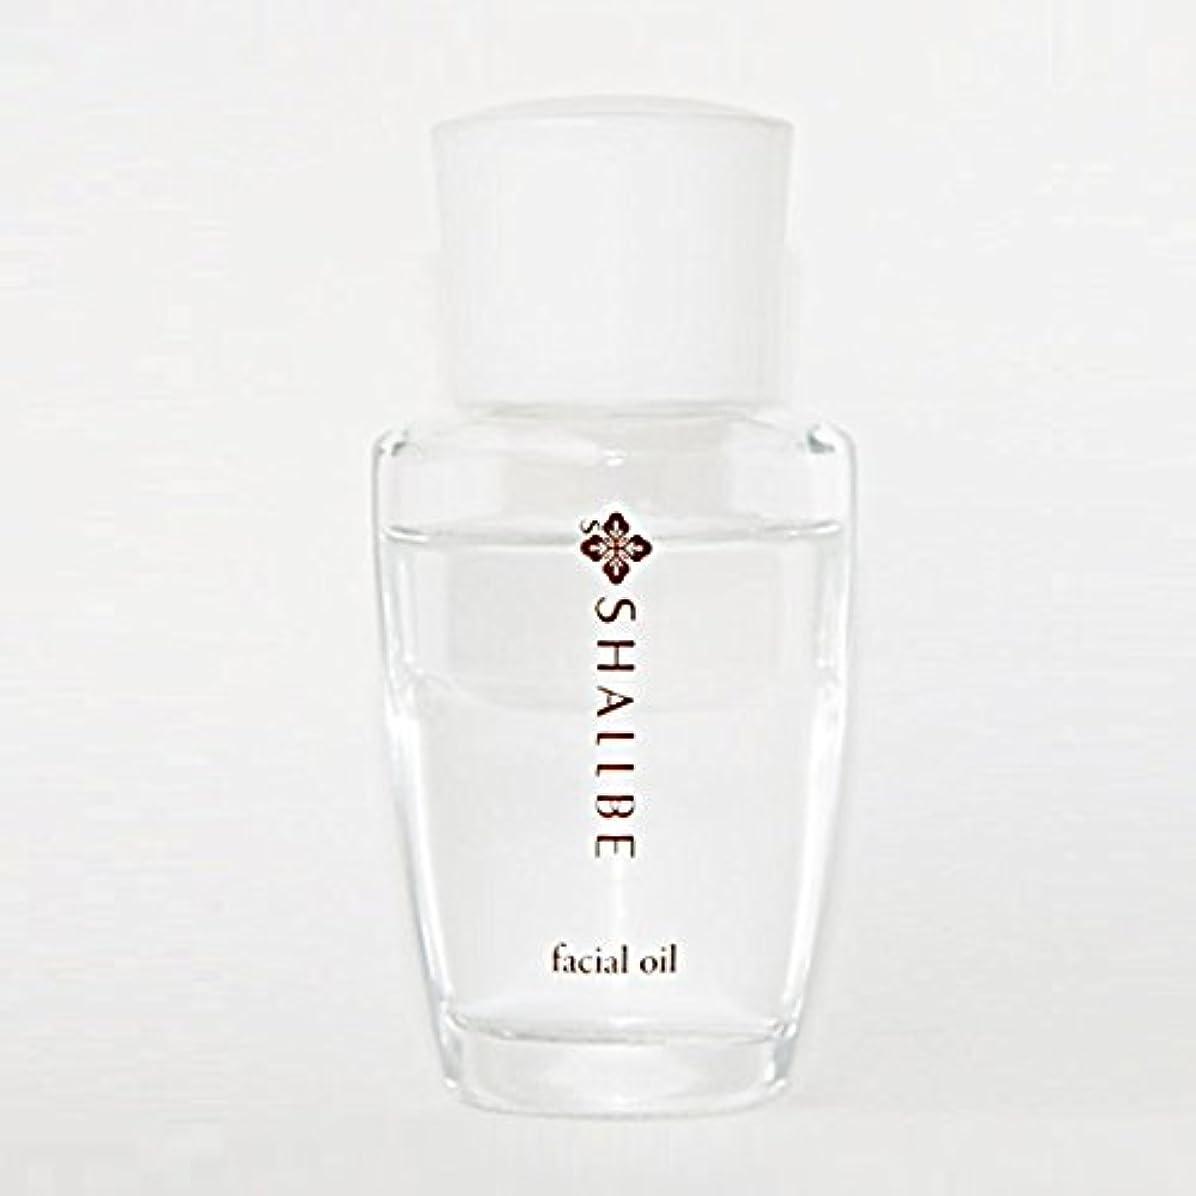 口径フェードアウト手書きシャルビー カクテル スクワラン オイル 26ml 美容液 2層 スクワランオイル